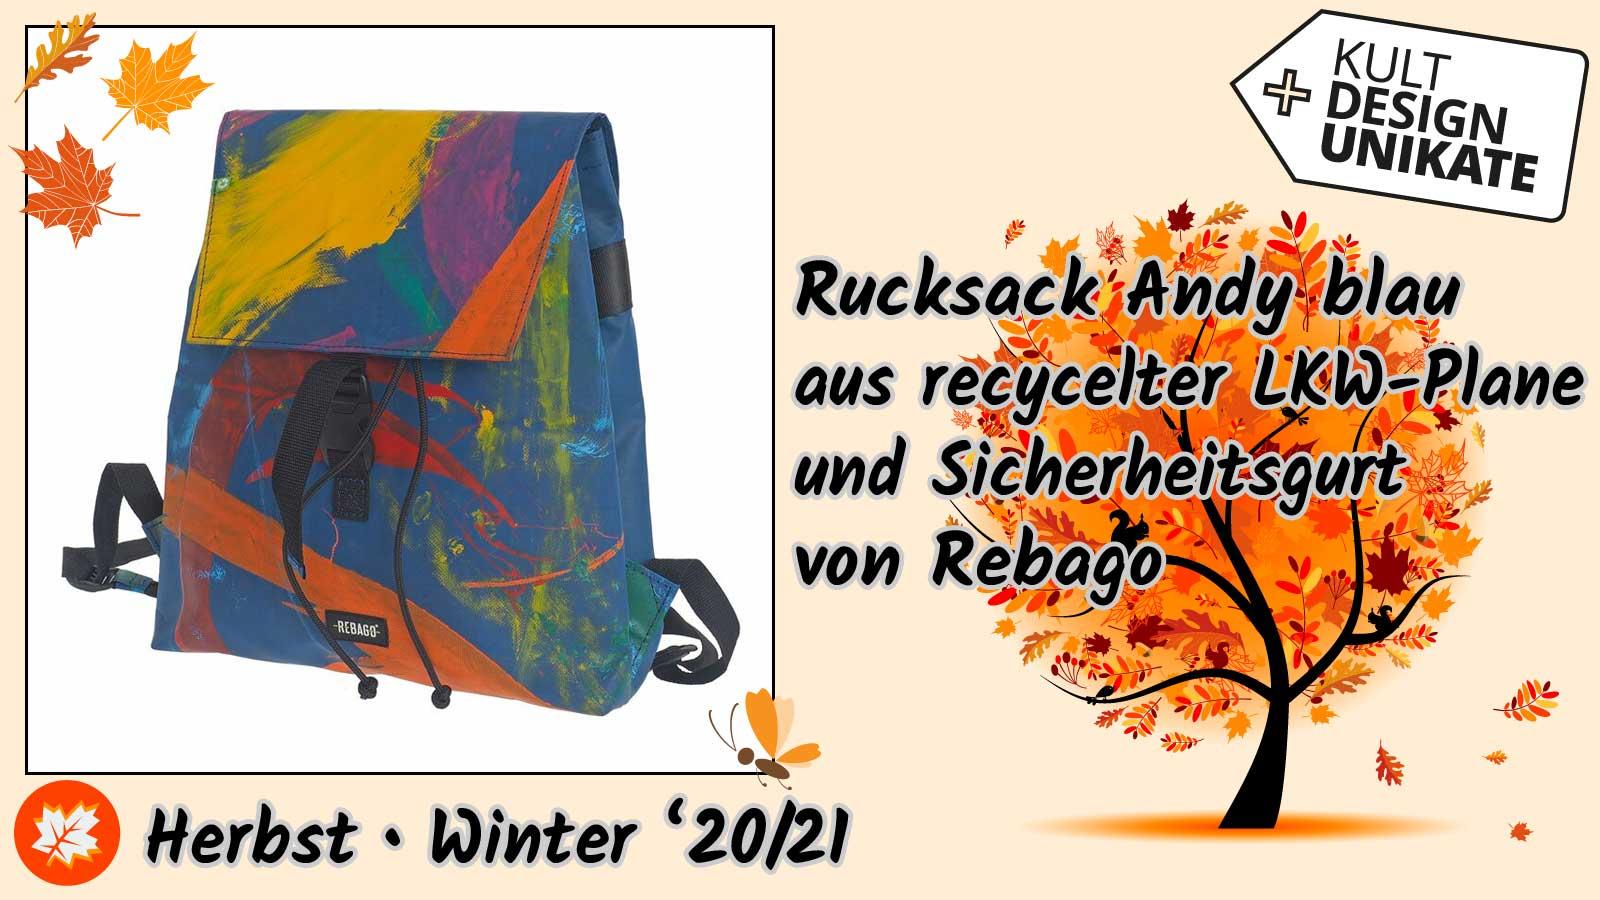 Rebago-Rucksack-Andy-blau